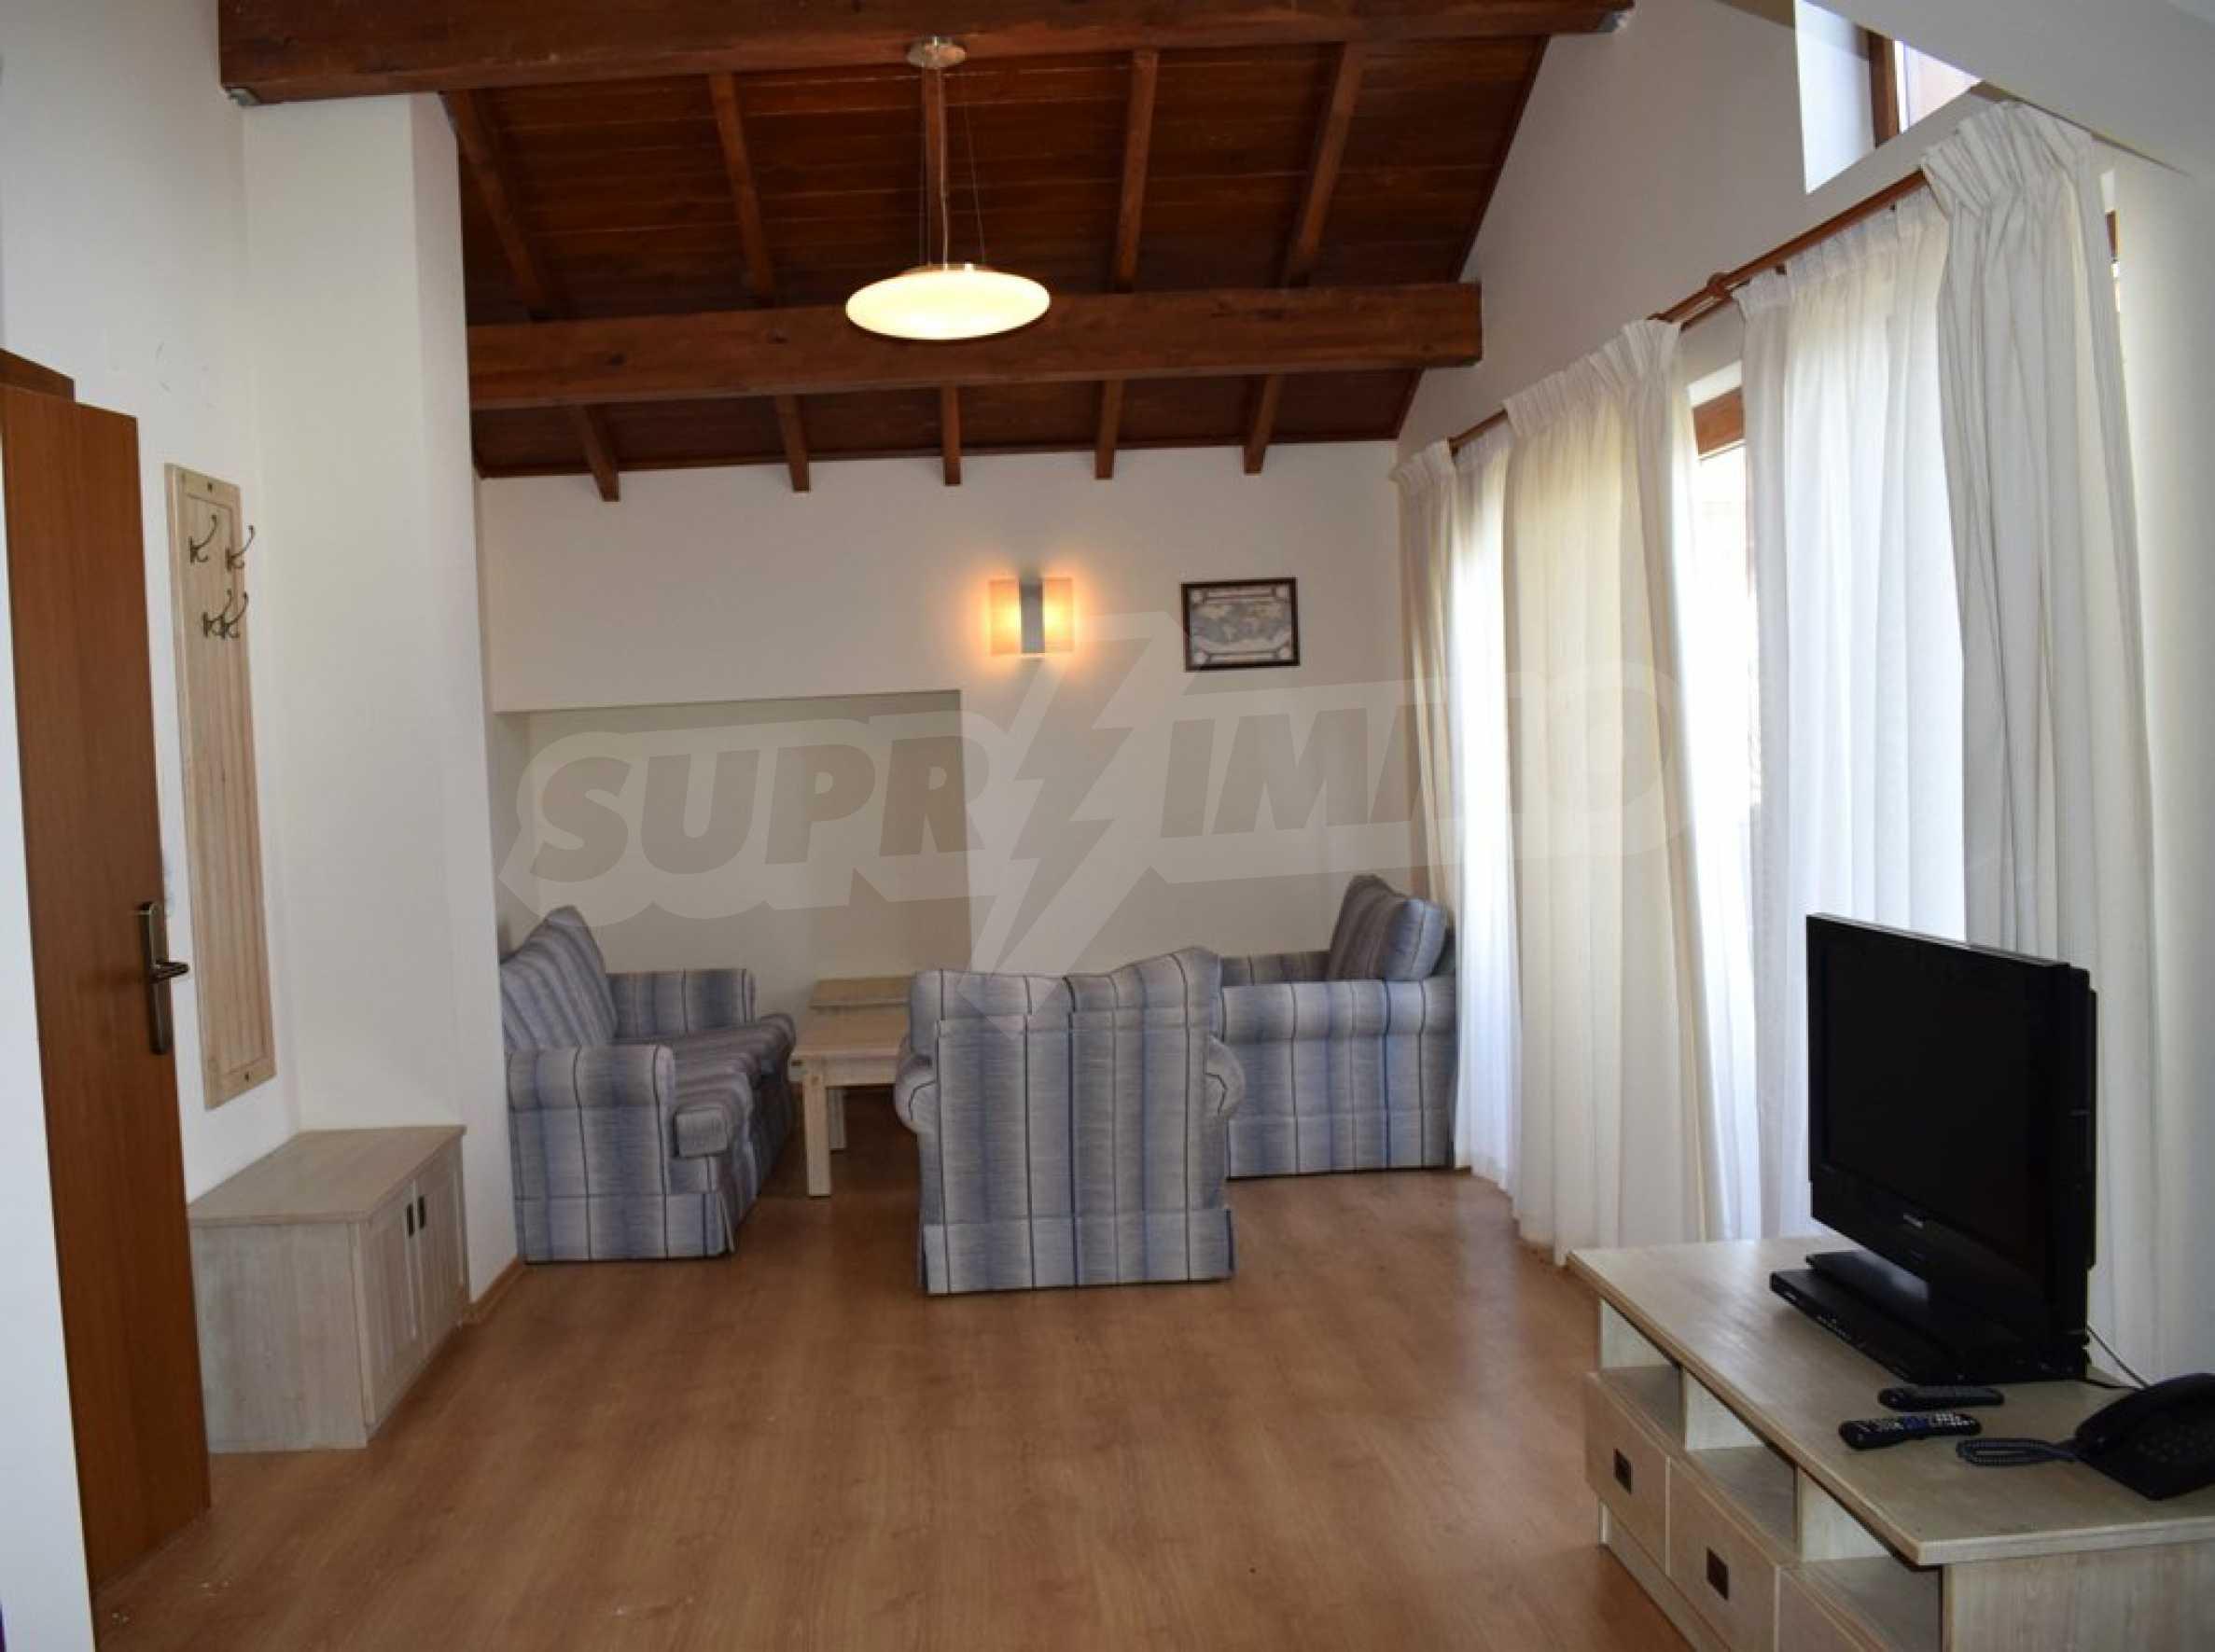 Двустаен апартамент в близост до голф игрище в района на Банско и Разлог 2